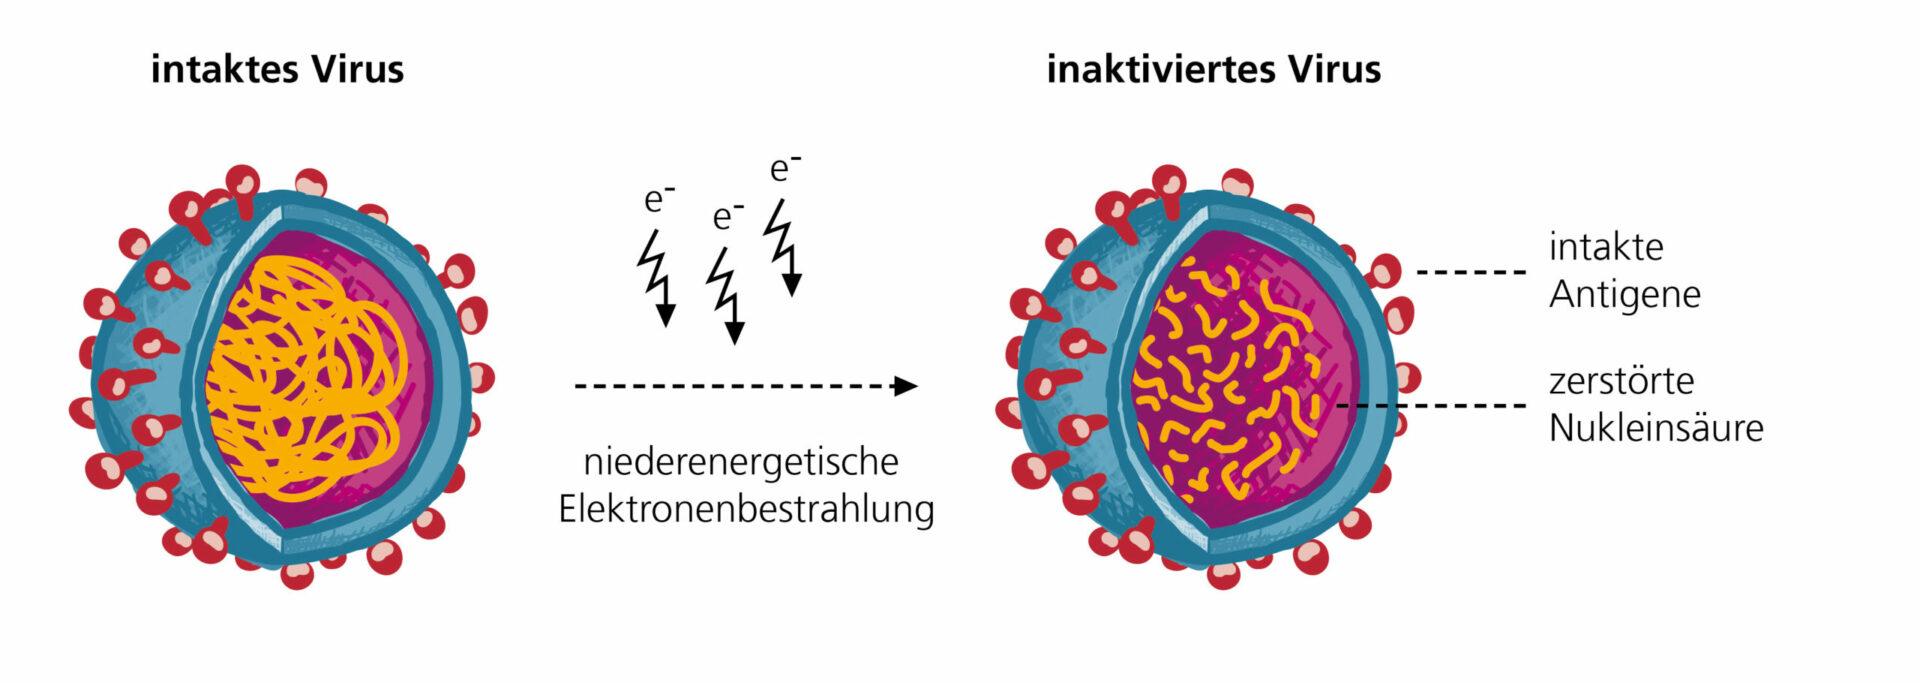 Grafik: Elektronenbestrahlung von Viren